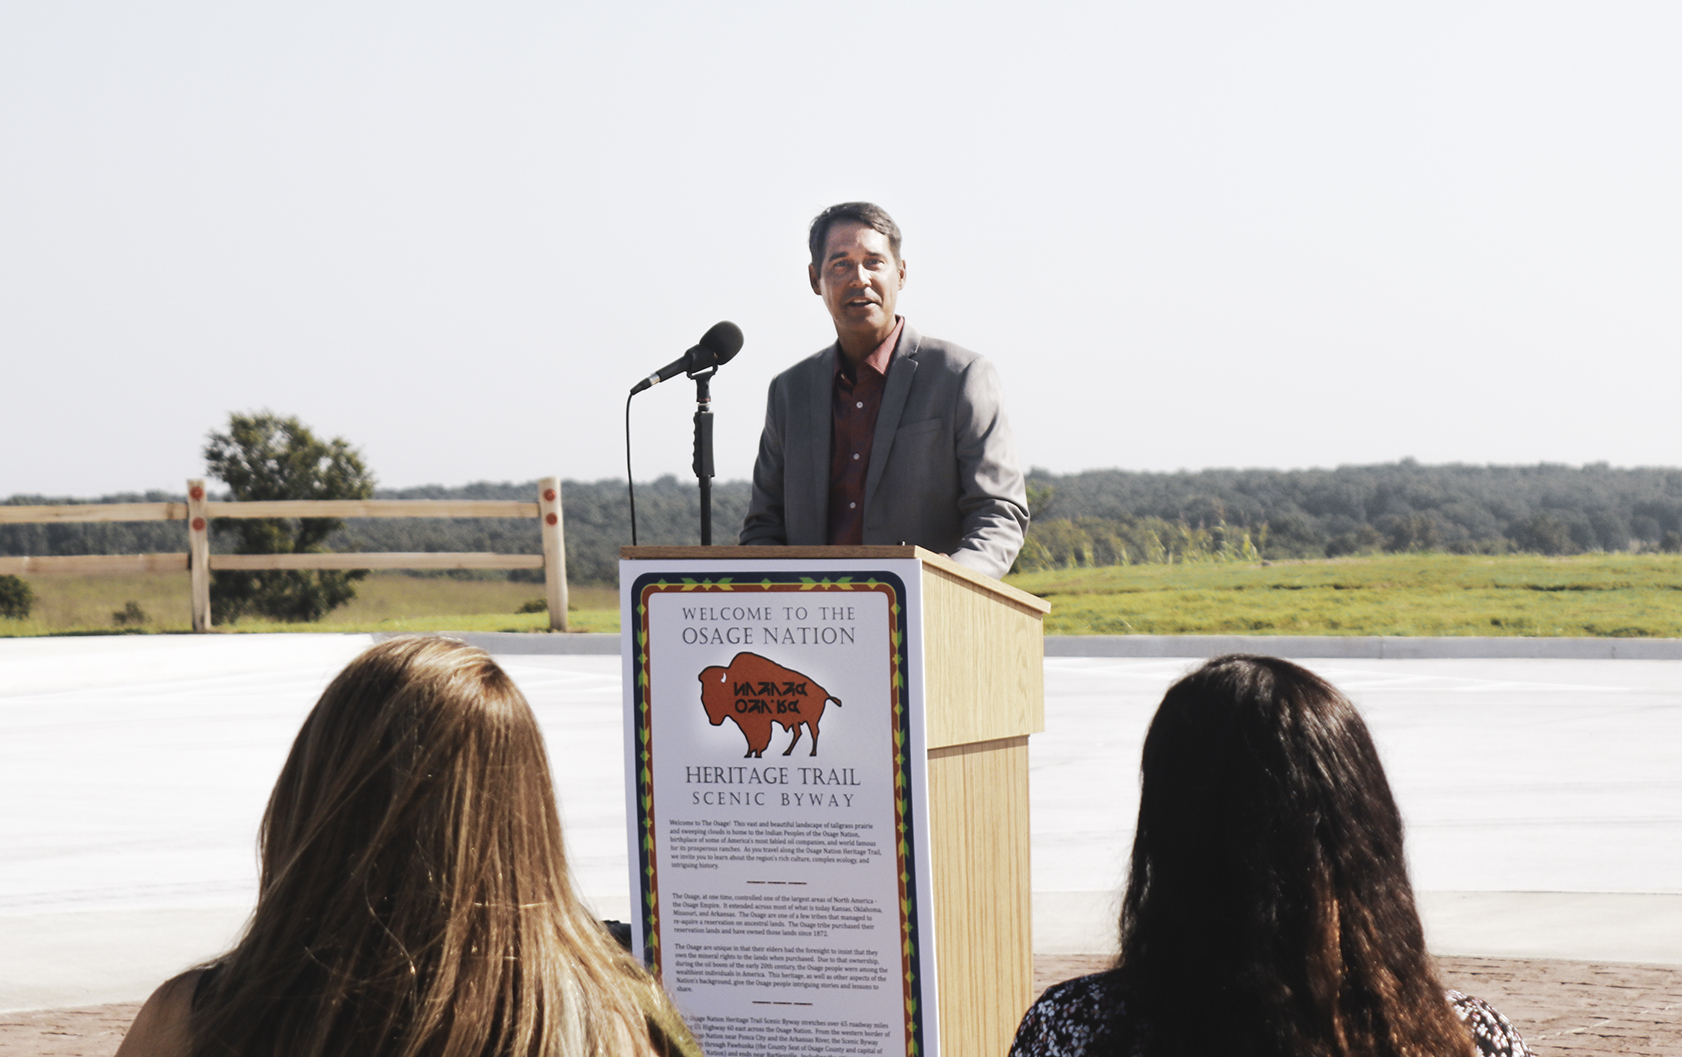 Speaker RJ Walker